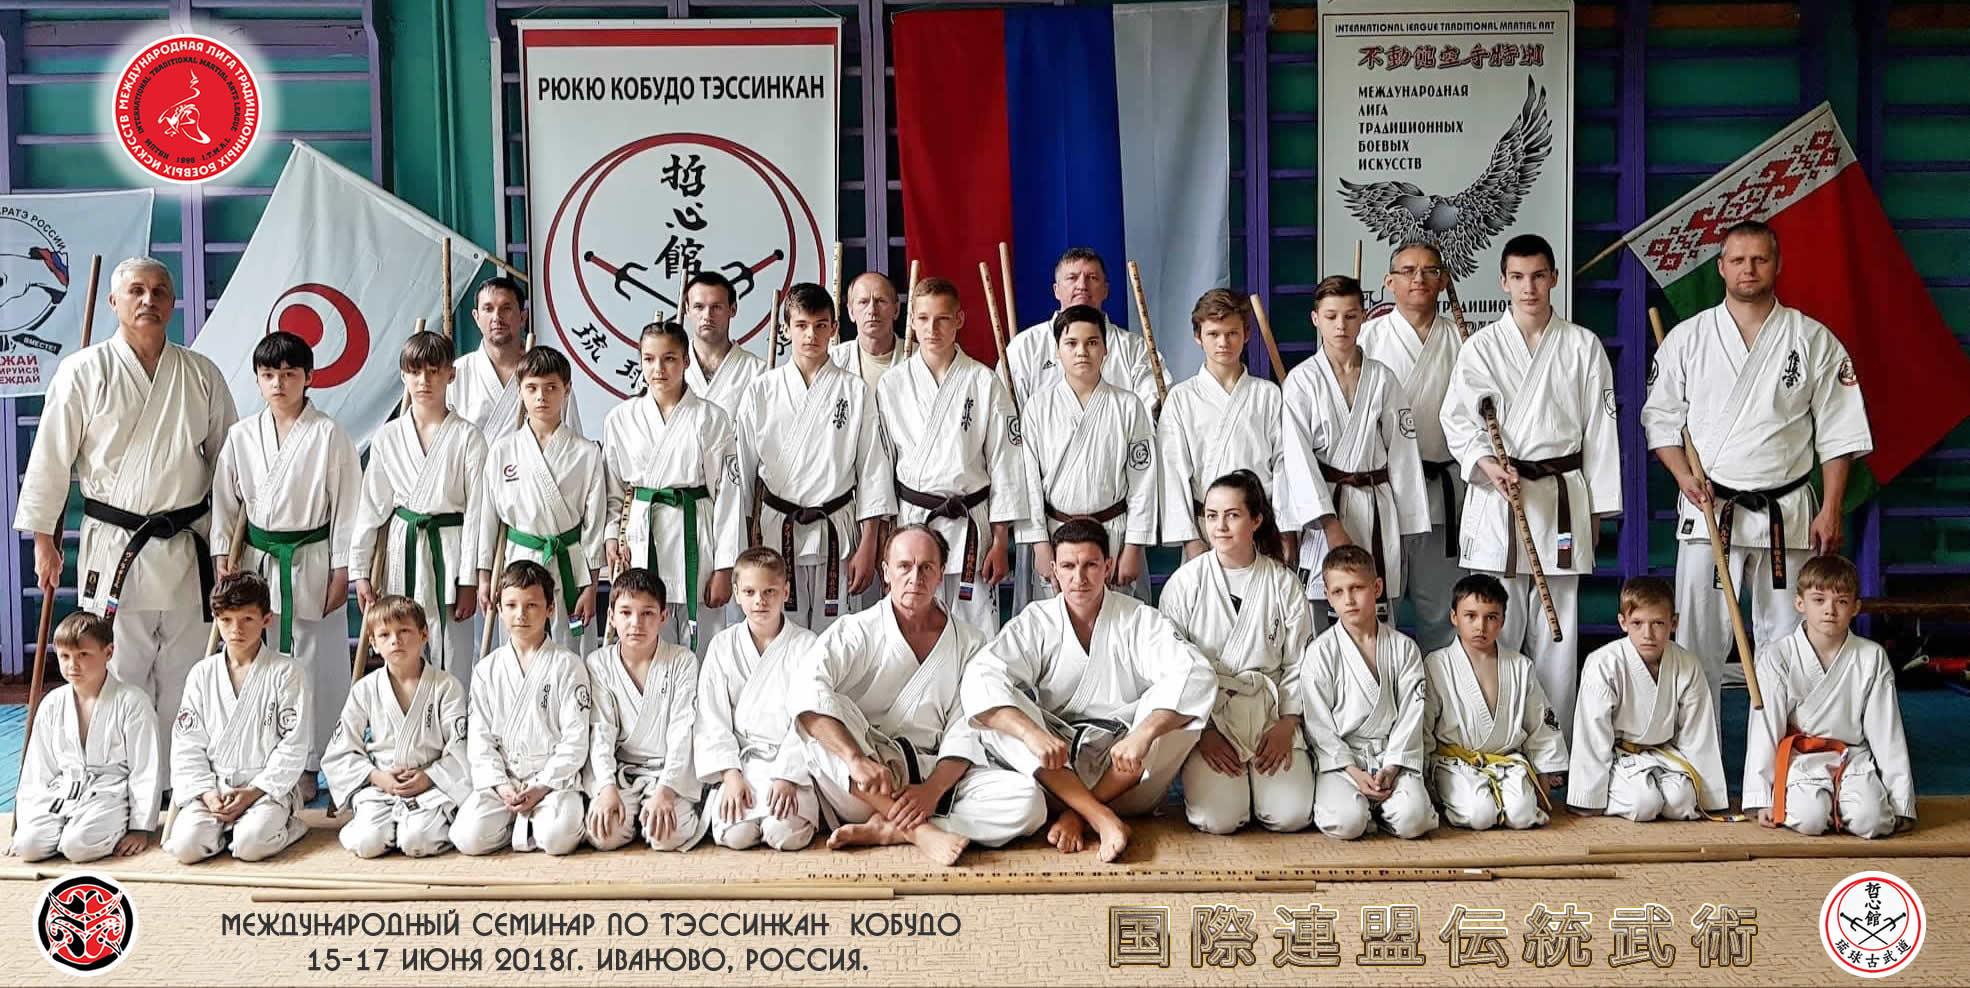 Международный семинар по Рюкю Кобудо Тэссинкан (Иваново, 15-17 июня 2018г.)